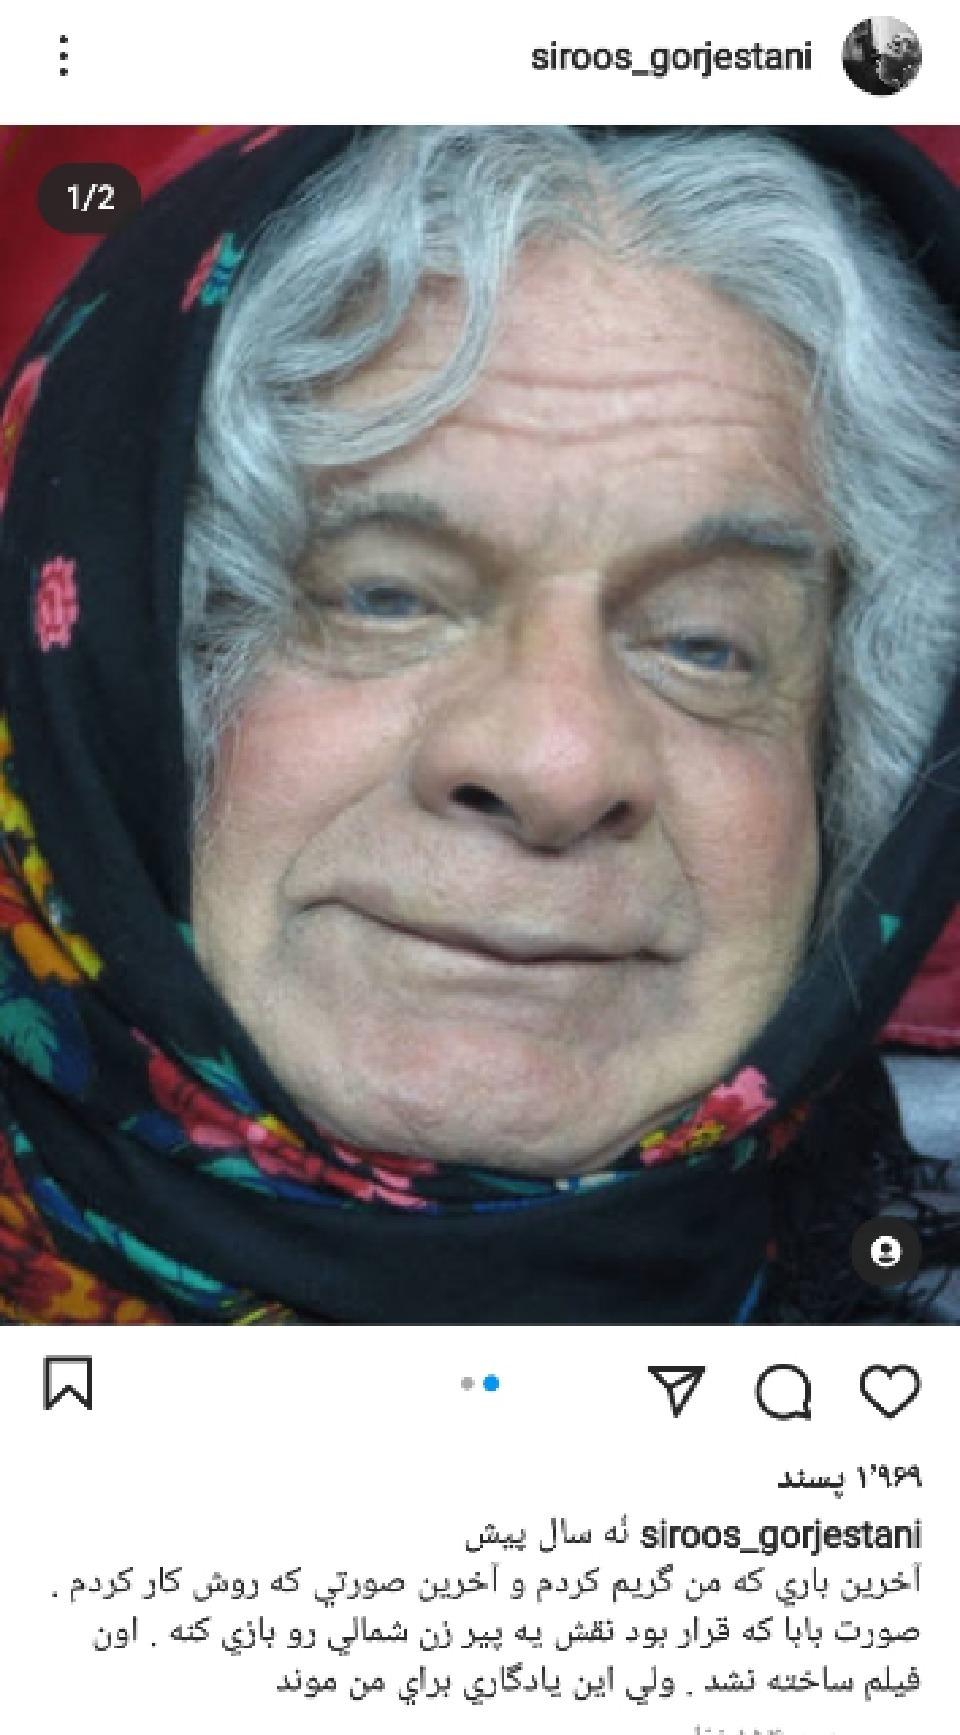 سیروس گرجستانی در تقش یک پیرزن